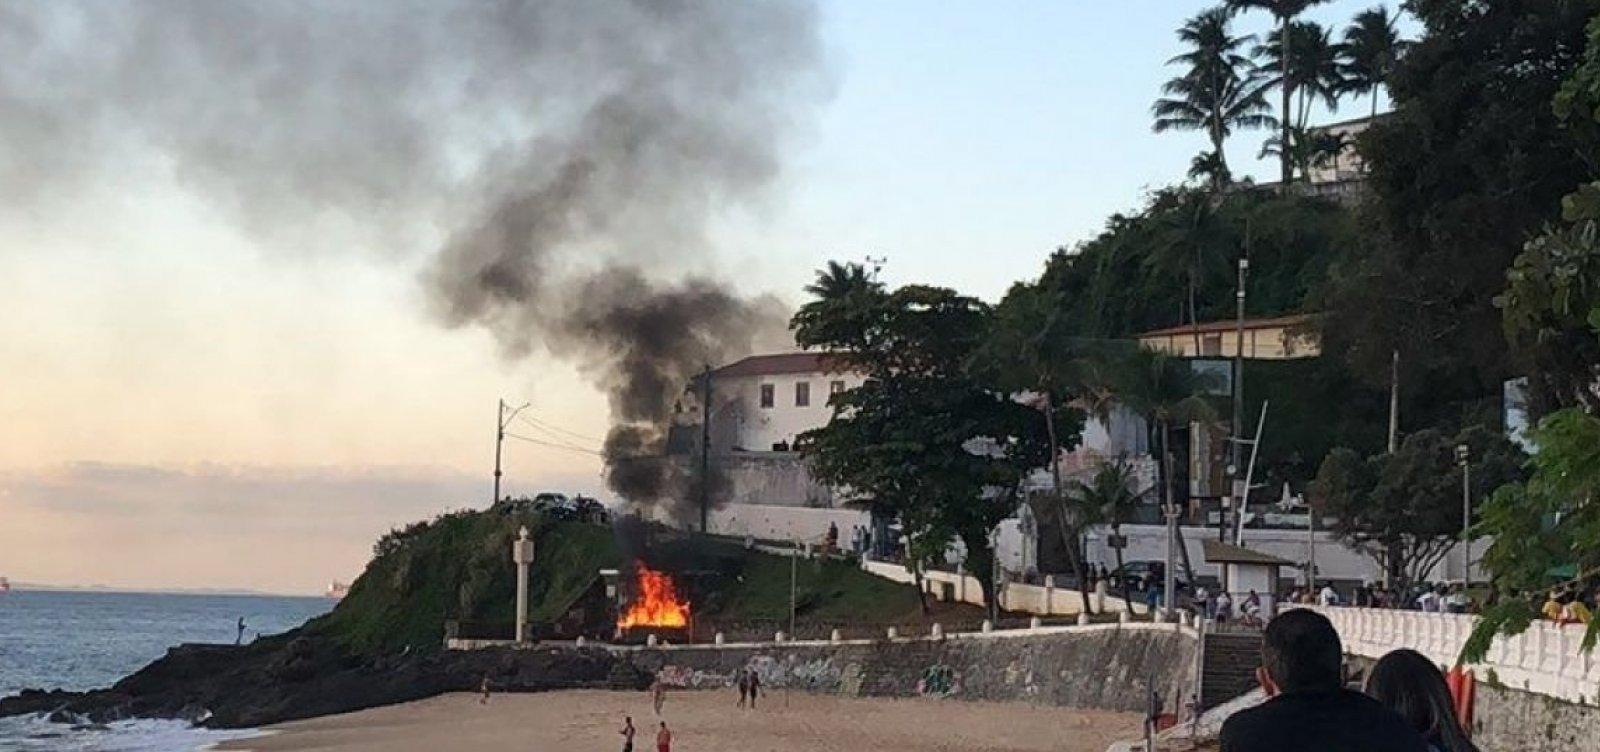 Casal em situação de rua sofre queimaduras graves em incêndio criminoso no Porto da Barra